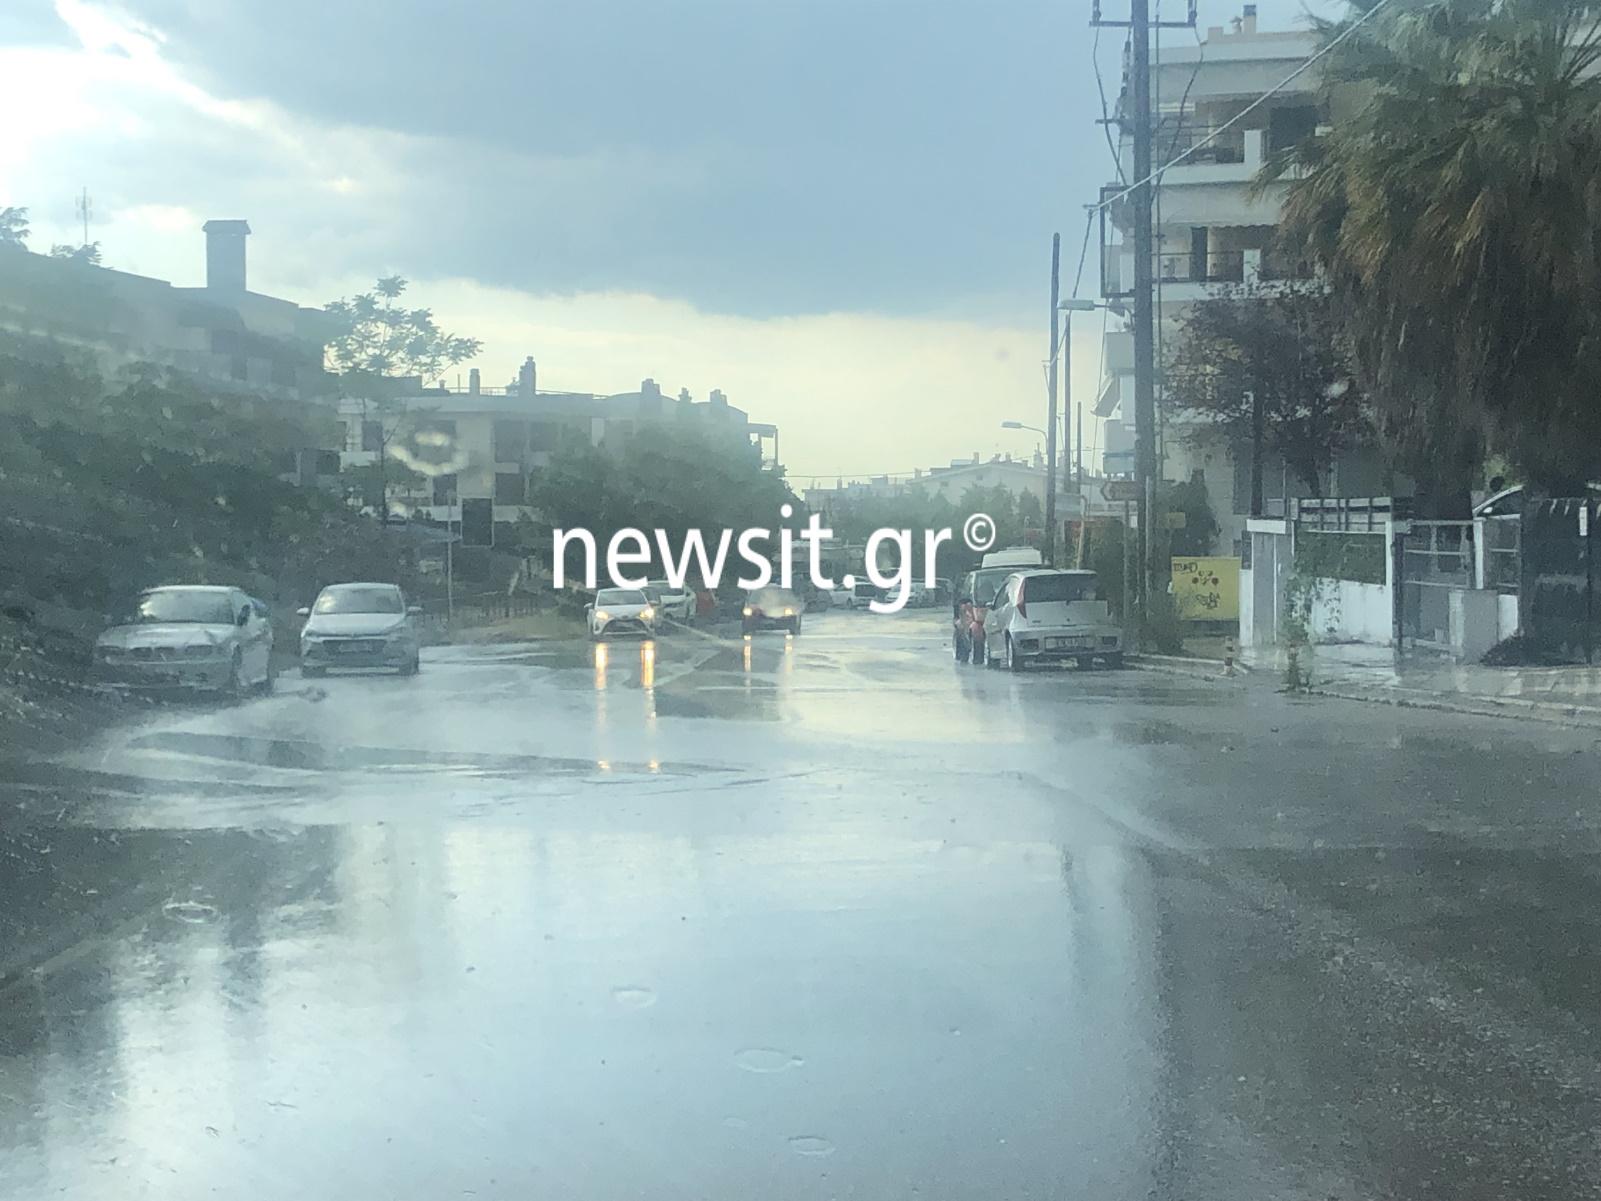 Καιρός – Θεσσαλονίκη: Δυνατή καταιγίδα και χαλάζι – Αδιάβατοι οι δρόμοι (pics)